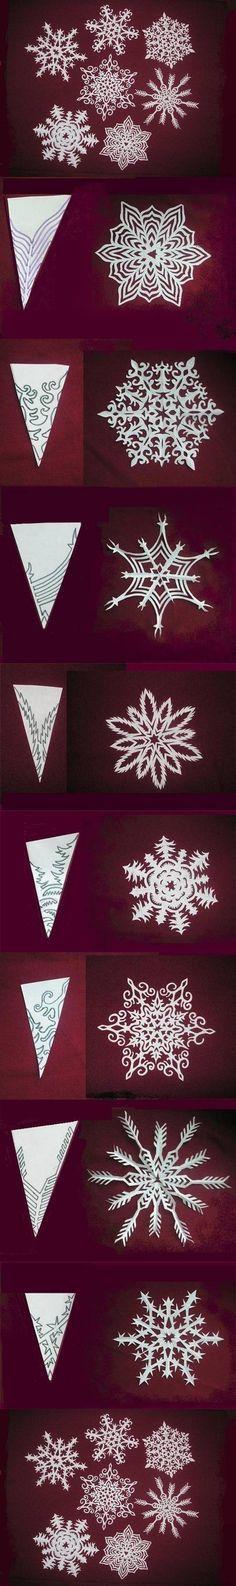 Estrellas de nieve